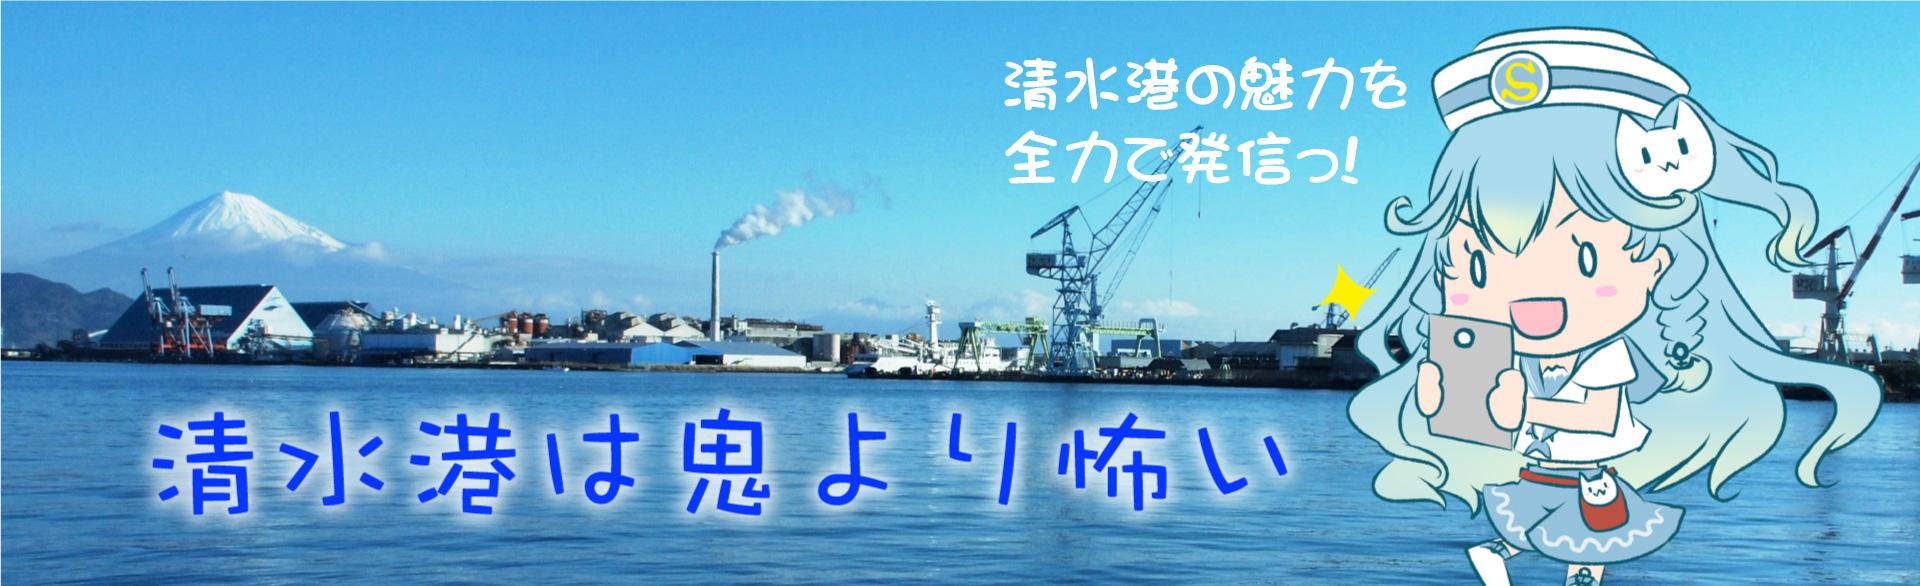 """""""清水港は鬼より怖い"""""""